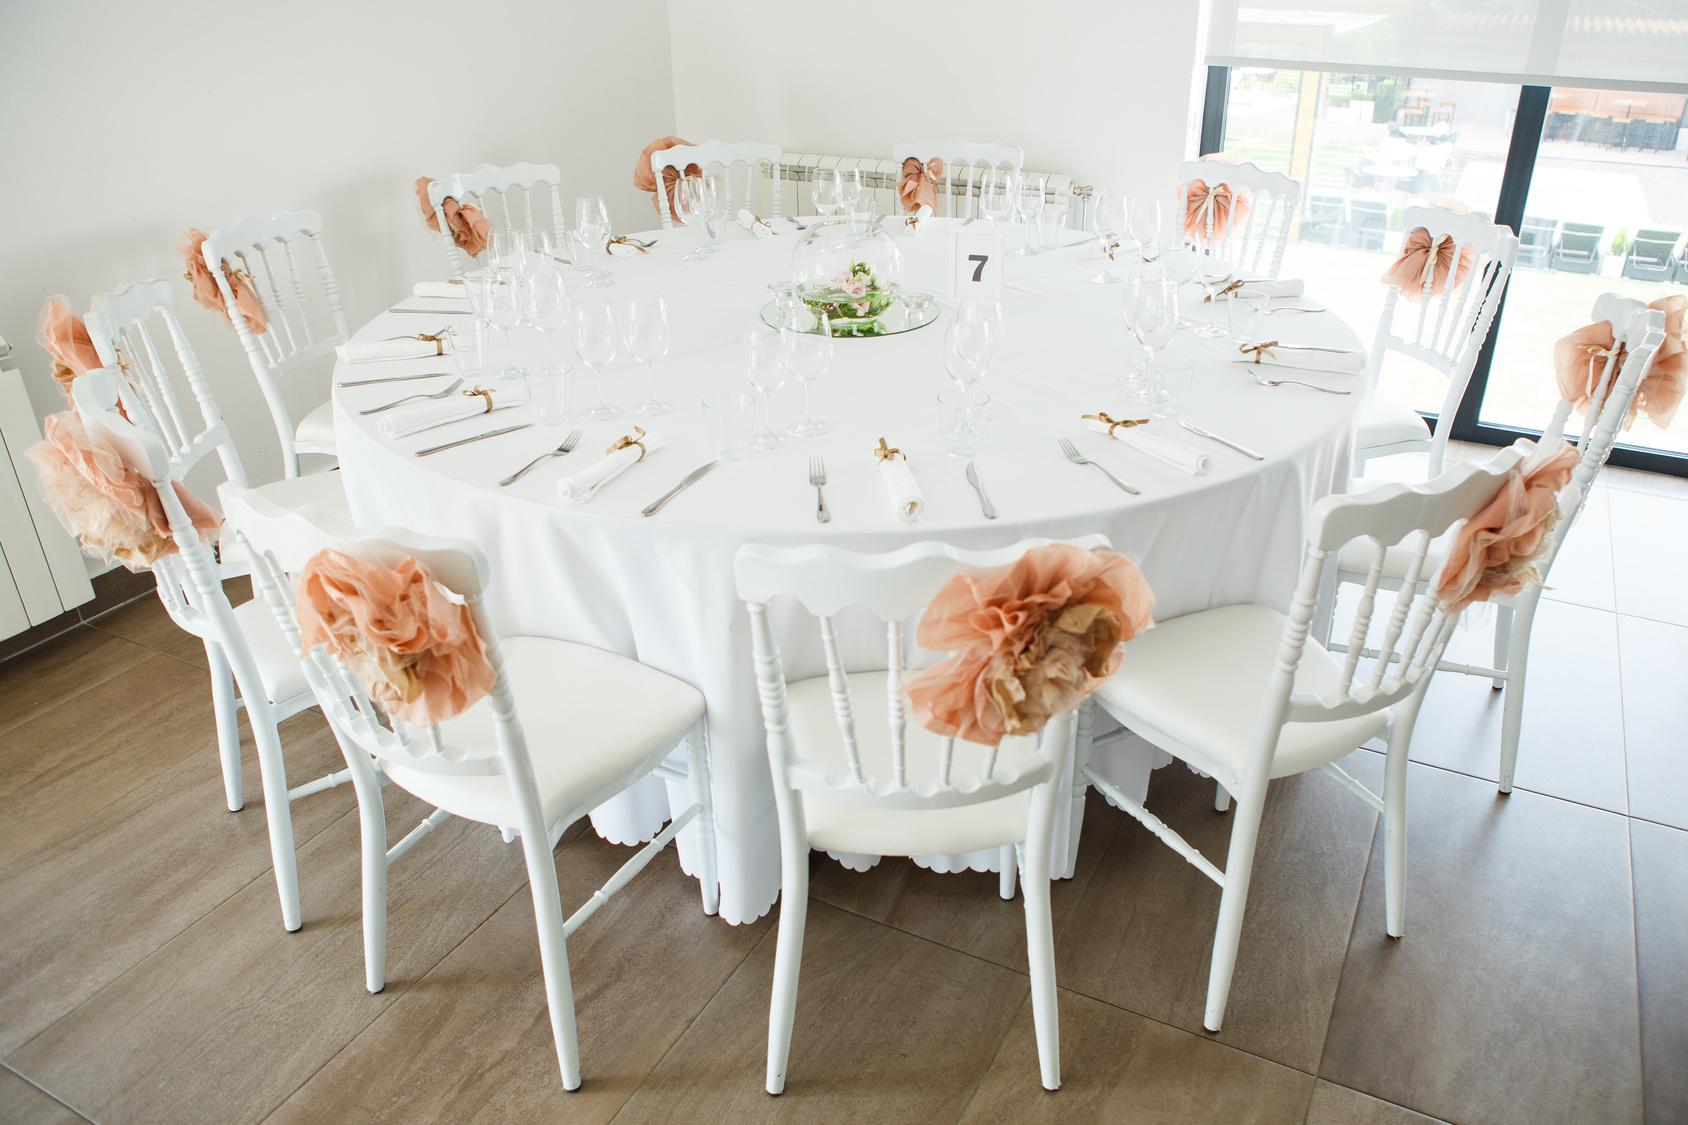 krzesła w pokrowcach na weselu